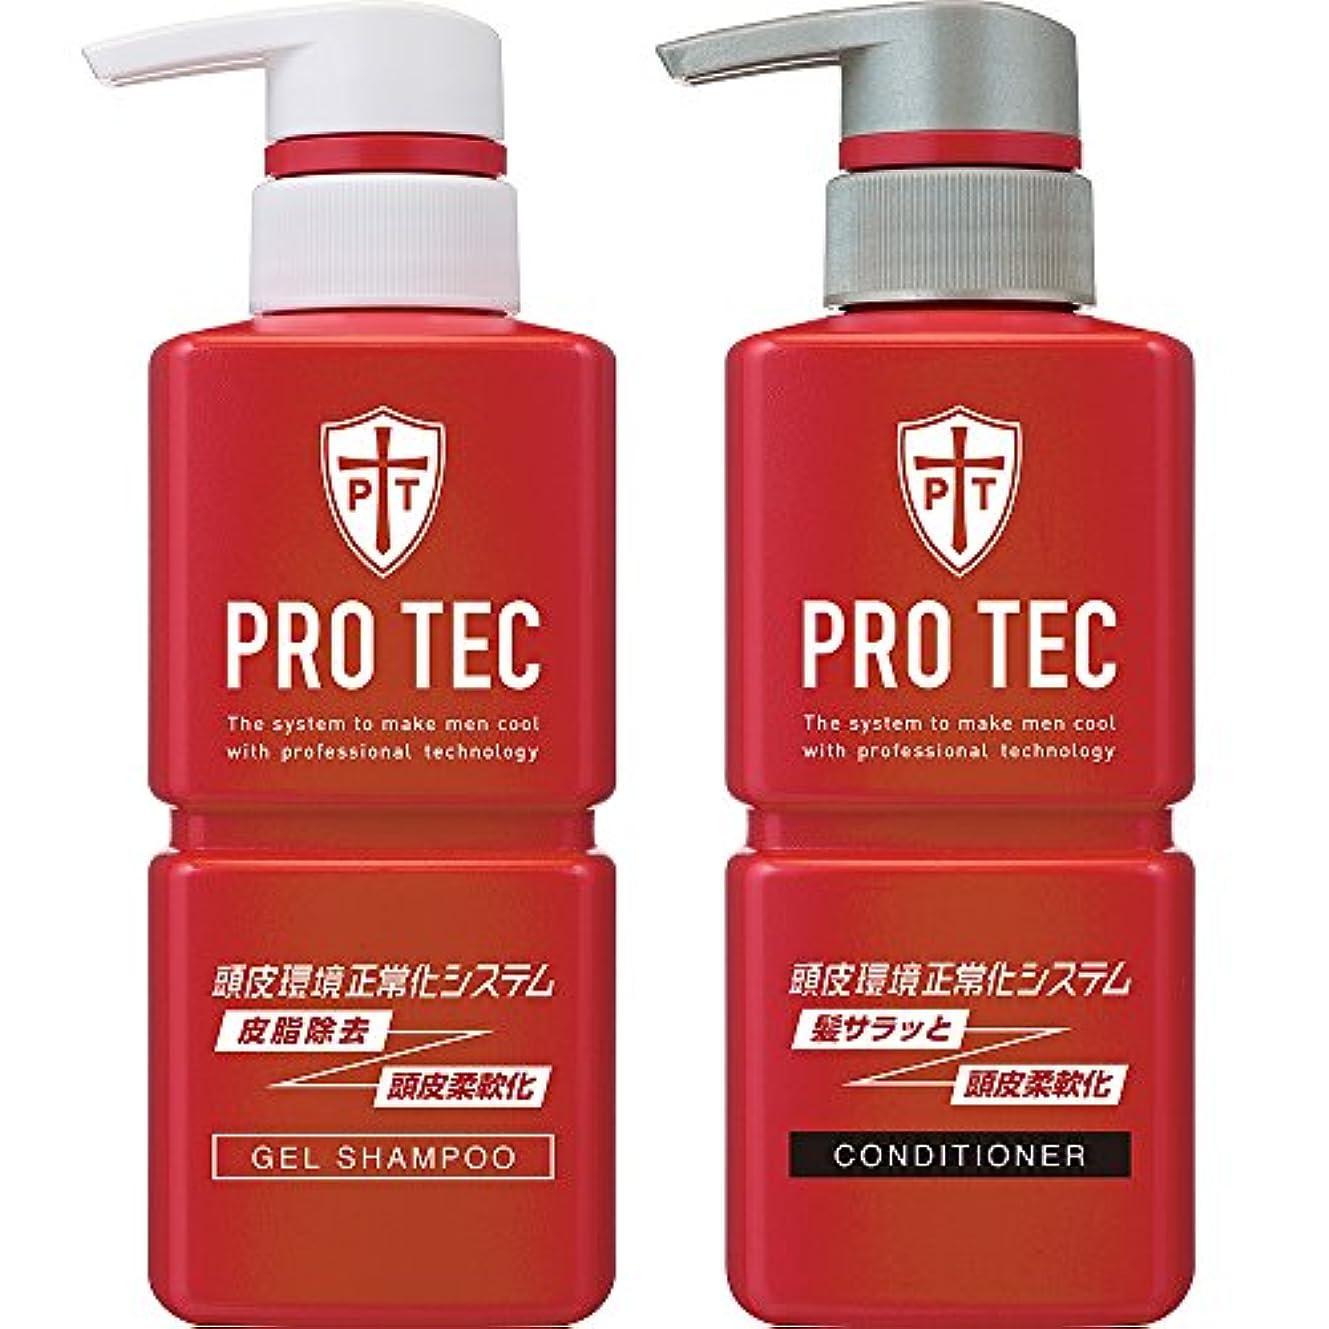 城ブロー討論PRO TEC(プロテク) 頭皮ストレッチ シャンプー ポンプ 300g(医薬部外品)+ コンディショナー ポンプ 300g